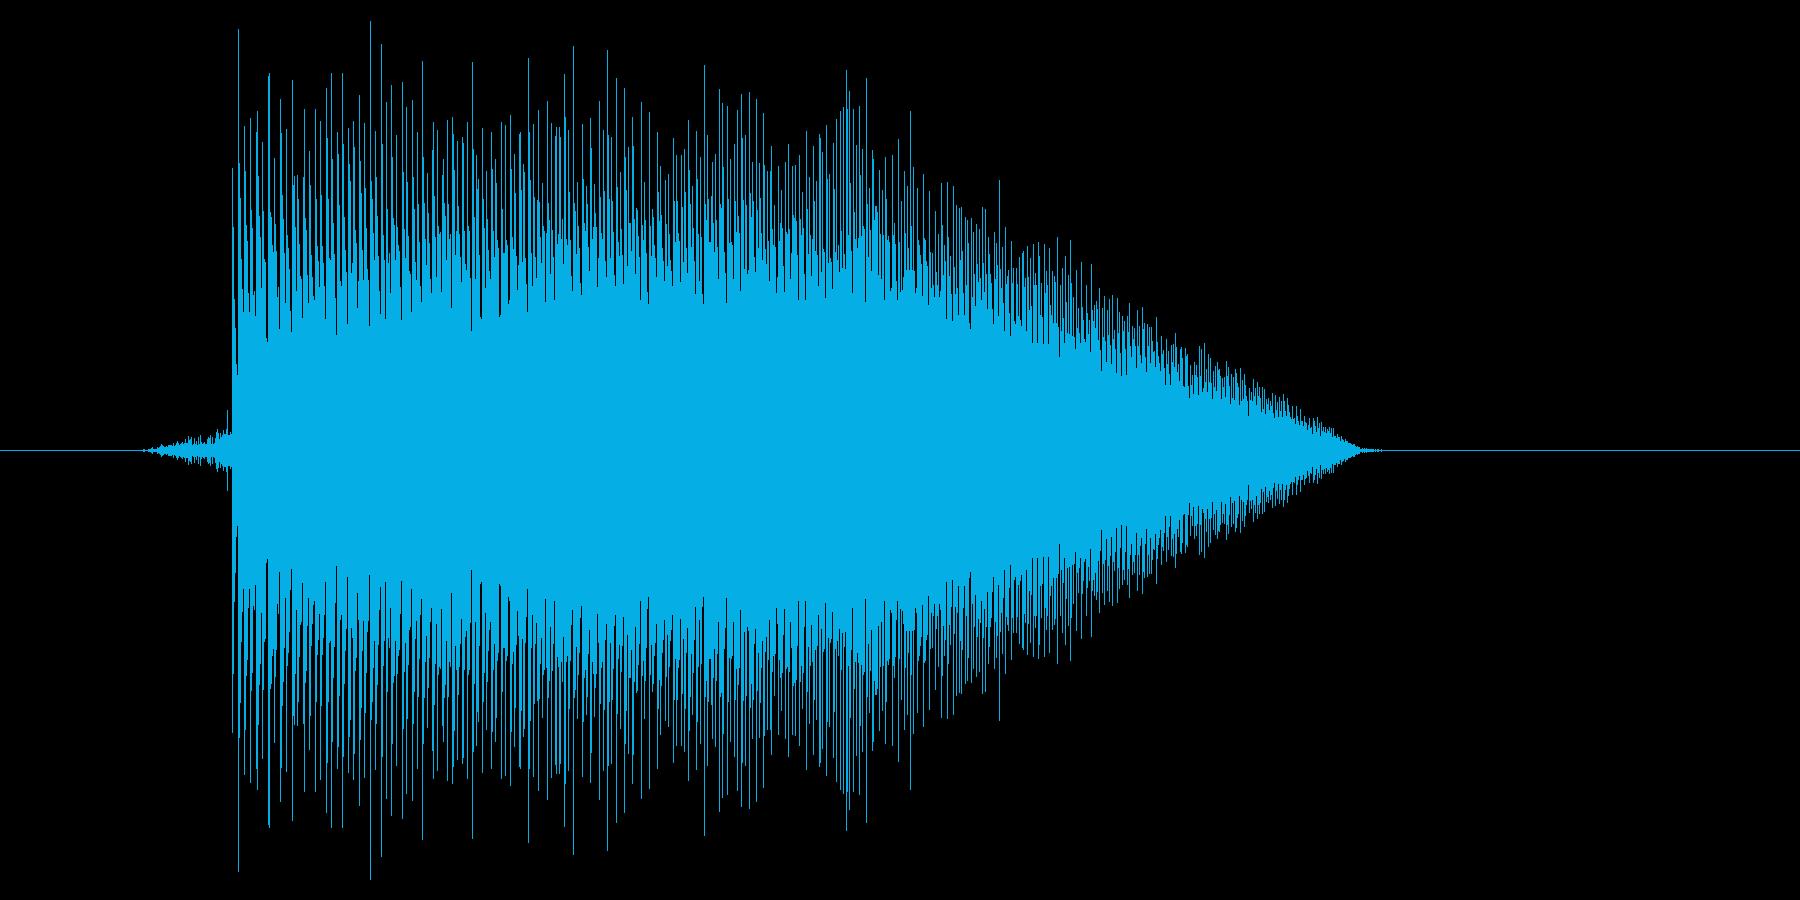 ゲーム(ファミコン風)ジャンプ音_033の再生済みの波形